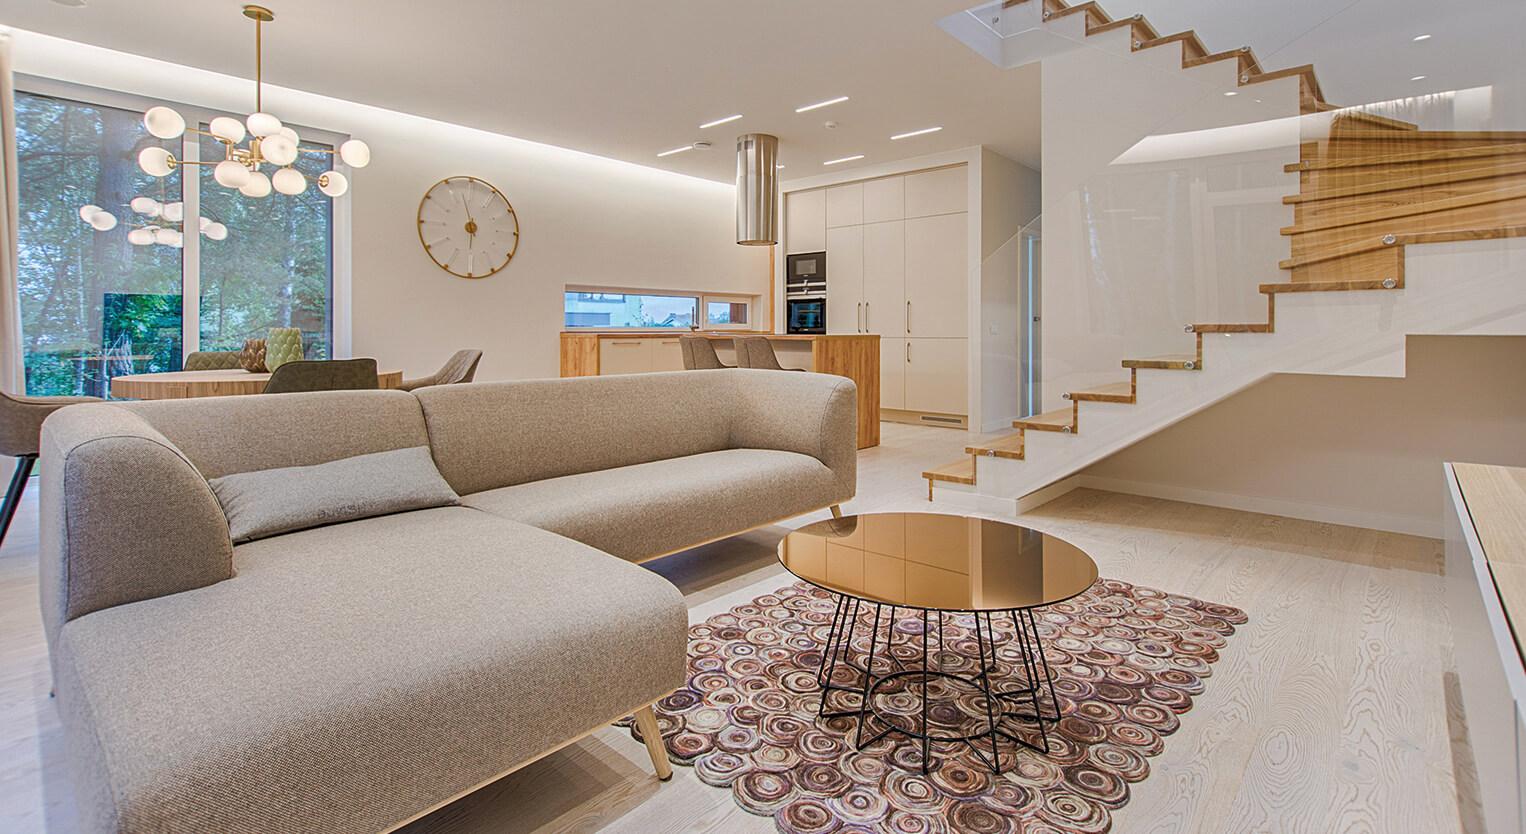 inviniti News: Den optimalen Zeitpunkt für einen Immobilienkauf finden